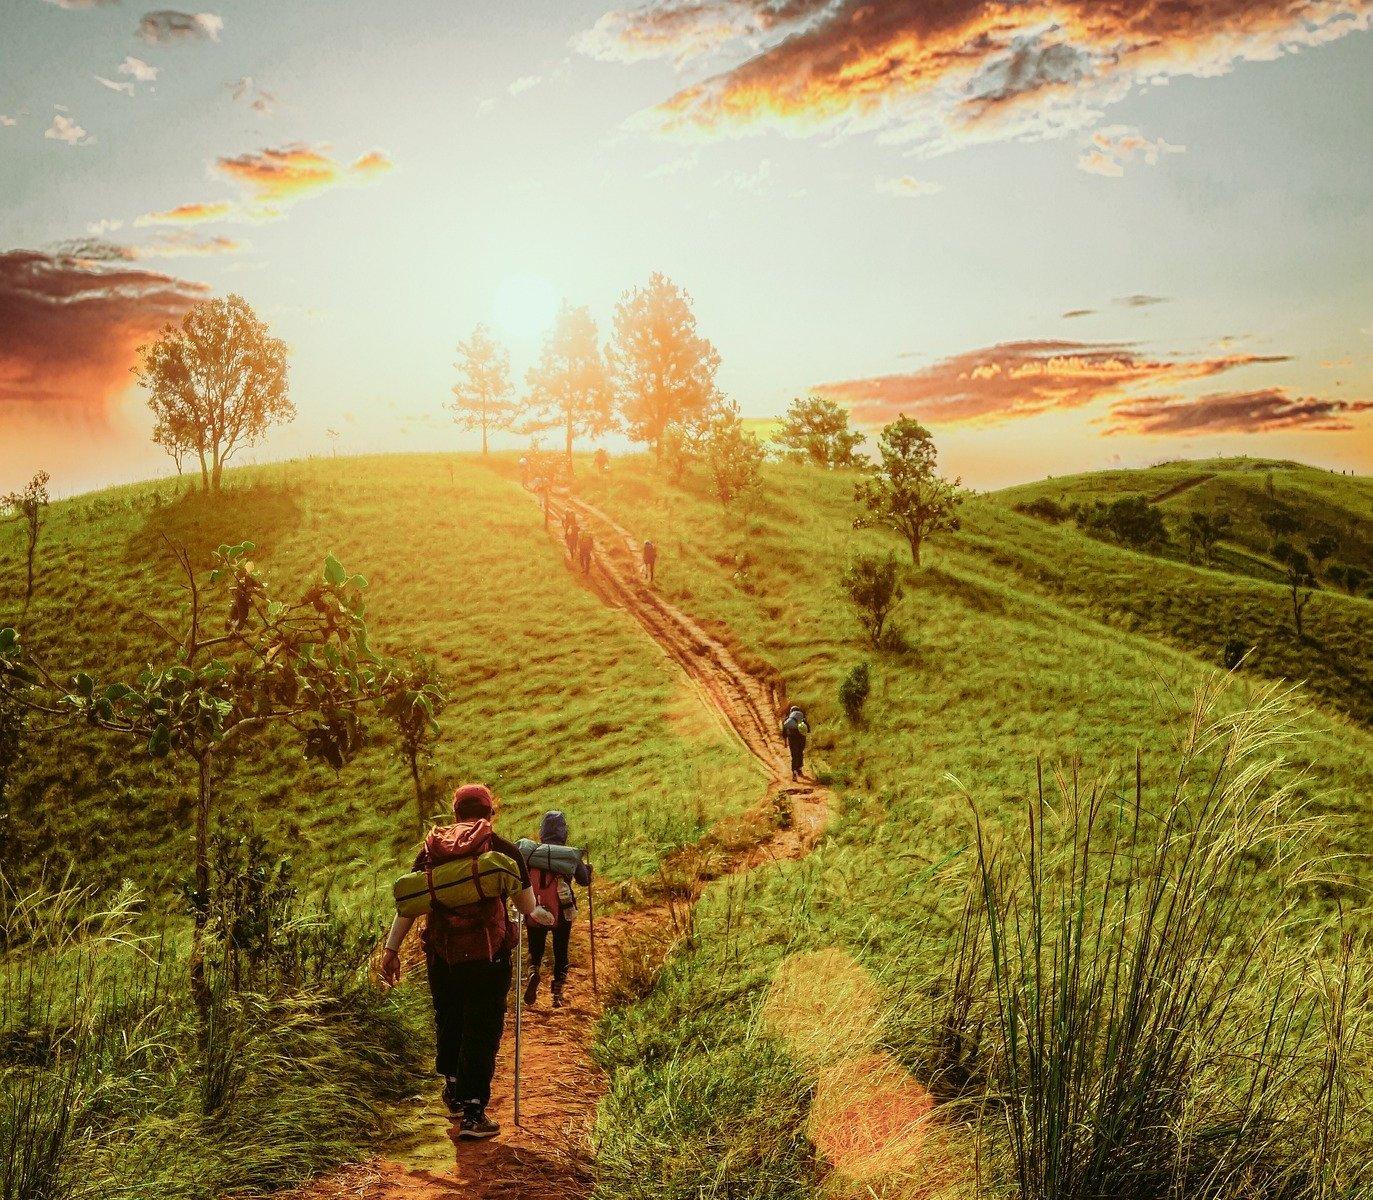 Wanderer auf einem Pfad durchs Grüne, im Hintergrund ein Hügel und die untergehende Sonne